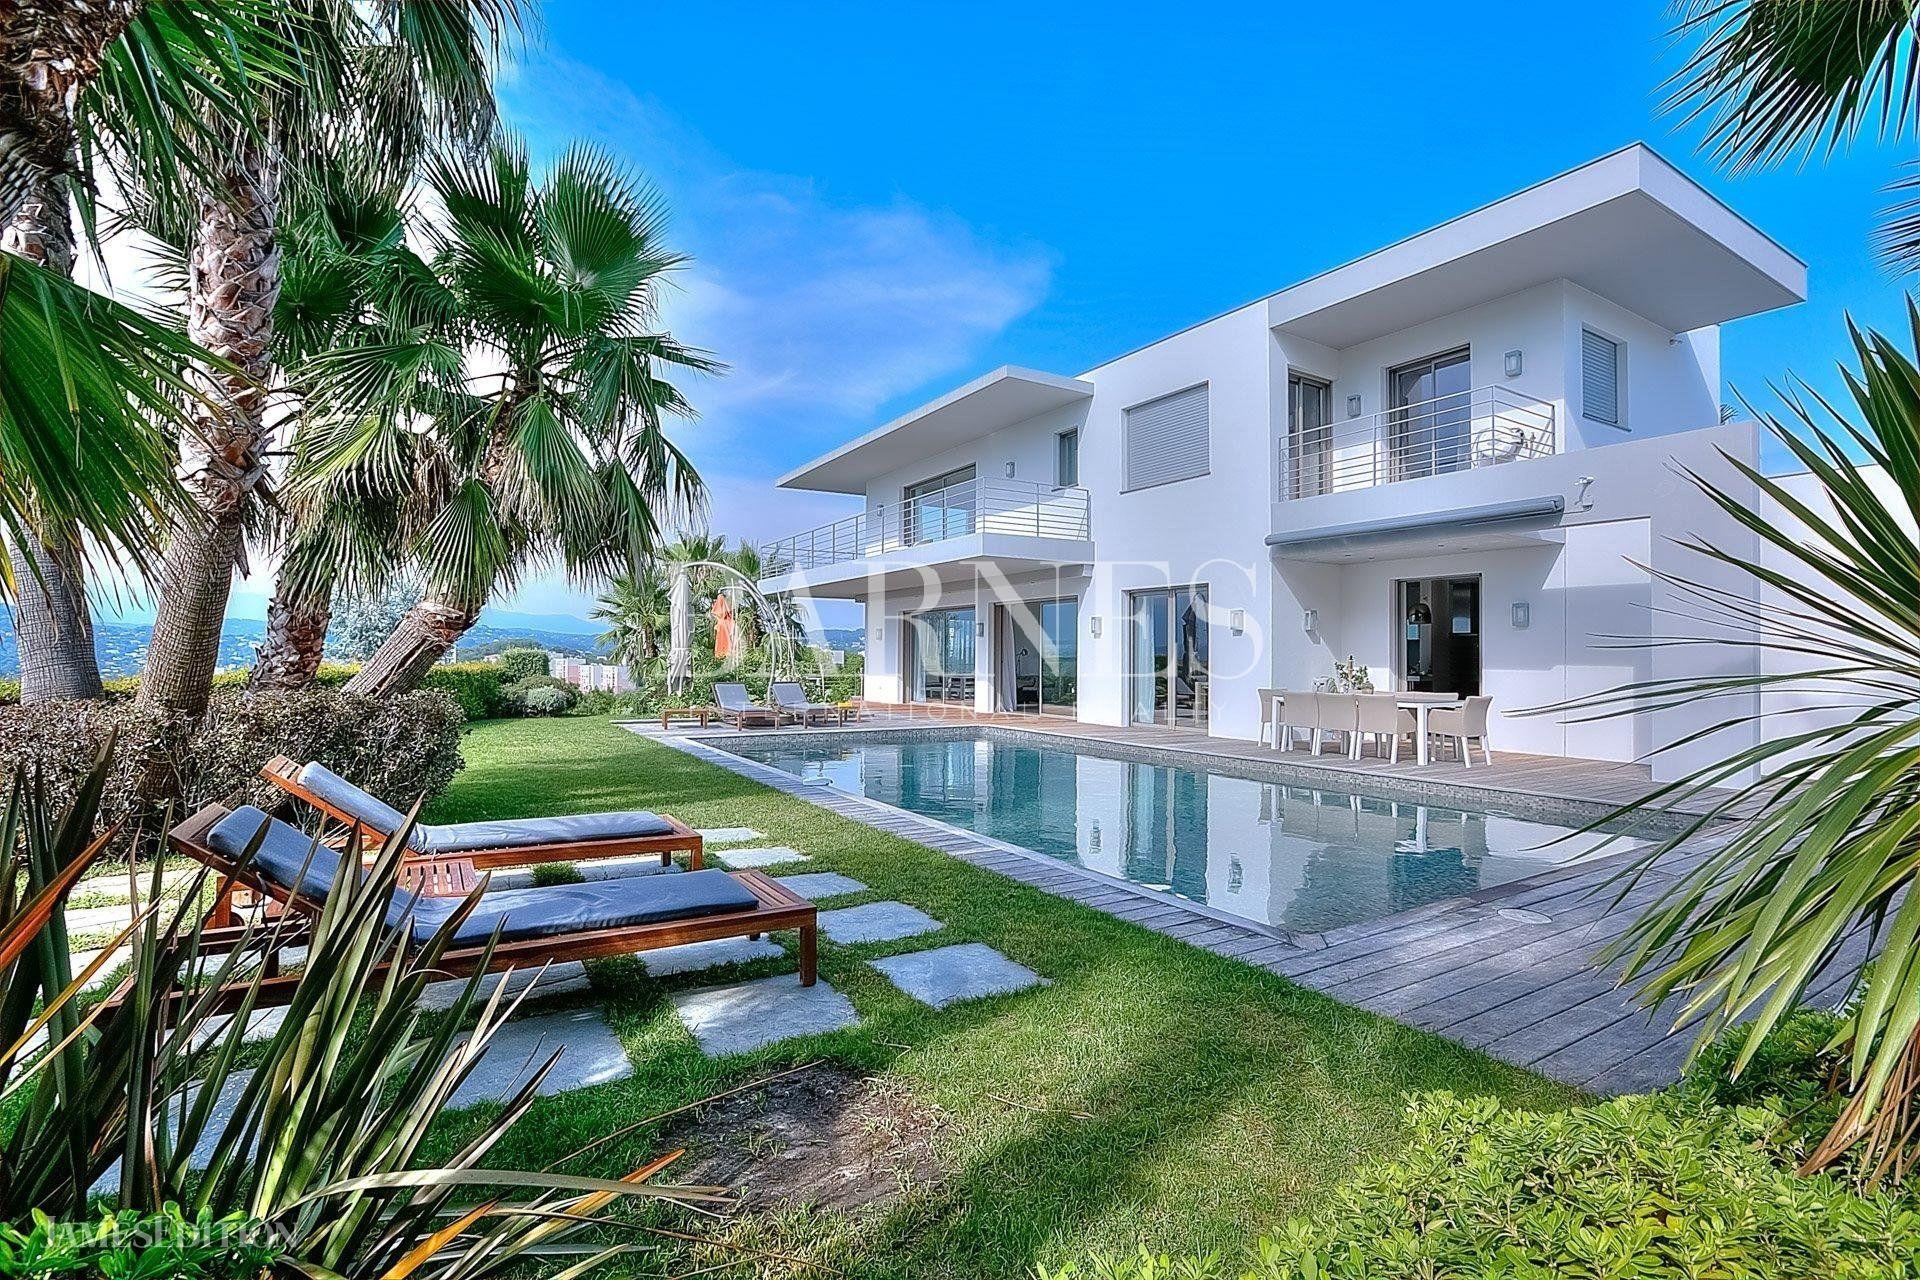 Villa in Cannes, Provence-Alpes-Côte d'Azur, France 1 - 10466672